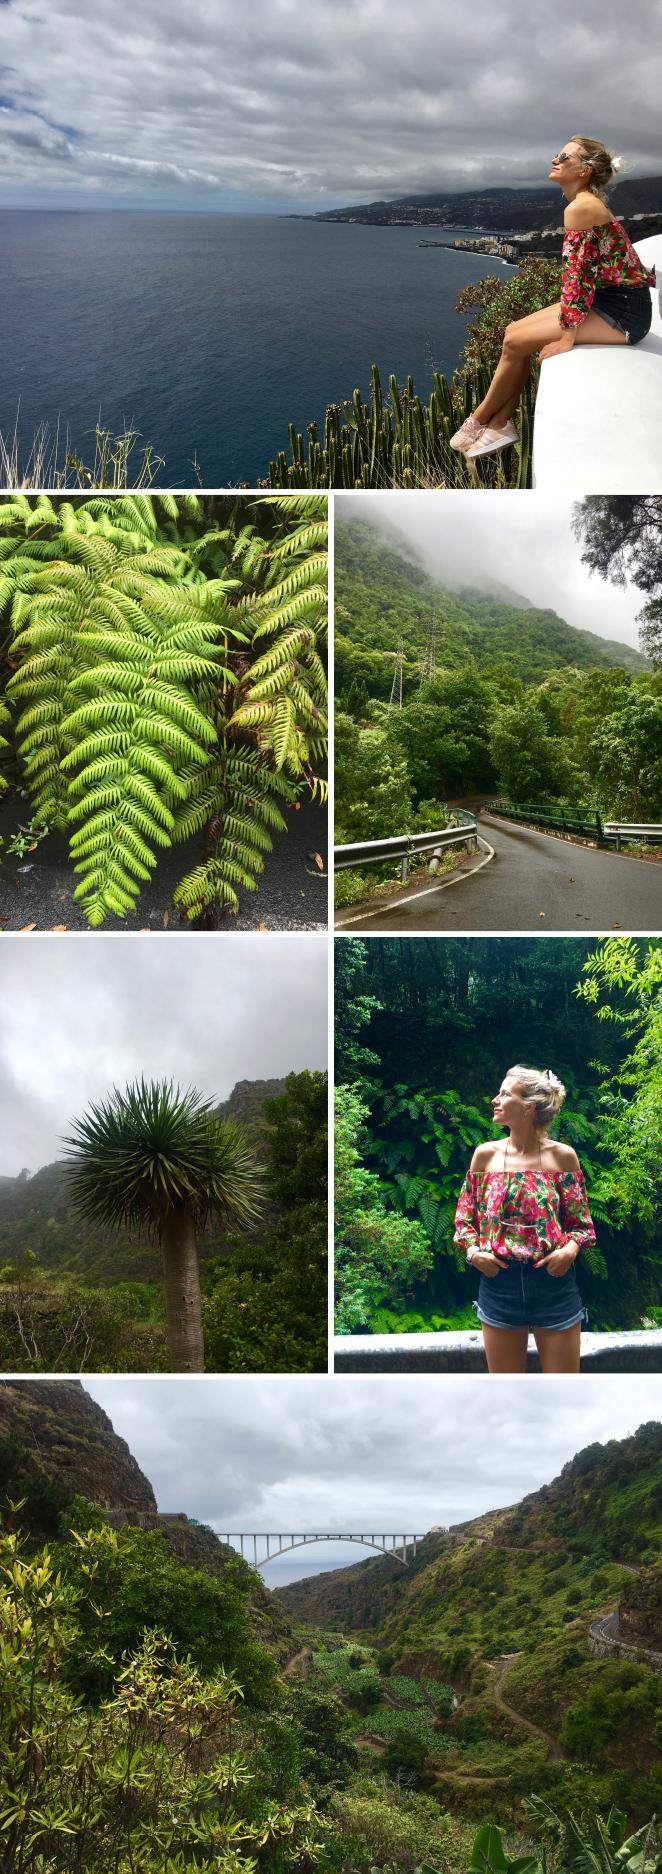 El Bosque de los Tilos fue nuestra siguiente parada, previo paso por el Mirador Barranco de los Gomeros, donde se consiguen unas fotos sencillamente espectaculares. El Bosque de los Tilos es uno de los bosques de laurisilva más importantes de Canarias, pero, además, destaca porque cuenta con plantas prehistóricas, heredadas de la época terciaria. De hecho, fue declarado en 2002 Reserva Mundial de la Biosfera por la Unesco, una protección que hoy engloba a toda la isla de La Palma. Tilos, helechos gigantes, viñátigos, palos blancos, laureles, acebiños, barbuzanos, madroños, peralillos, fayas y brezos son algunas de las especies que alberga, sobre las que vuelan las palomas turqué y rabiche.